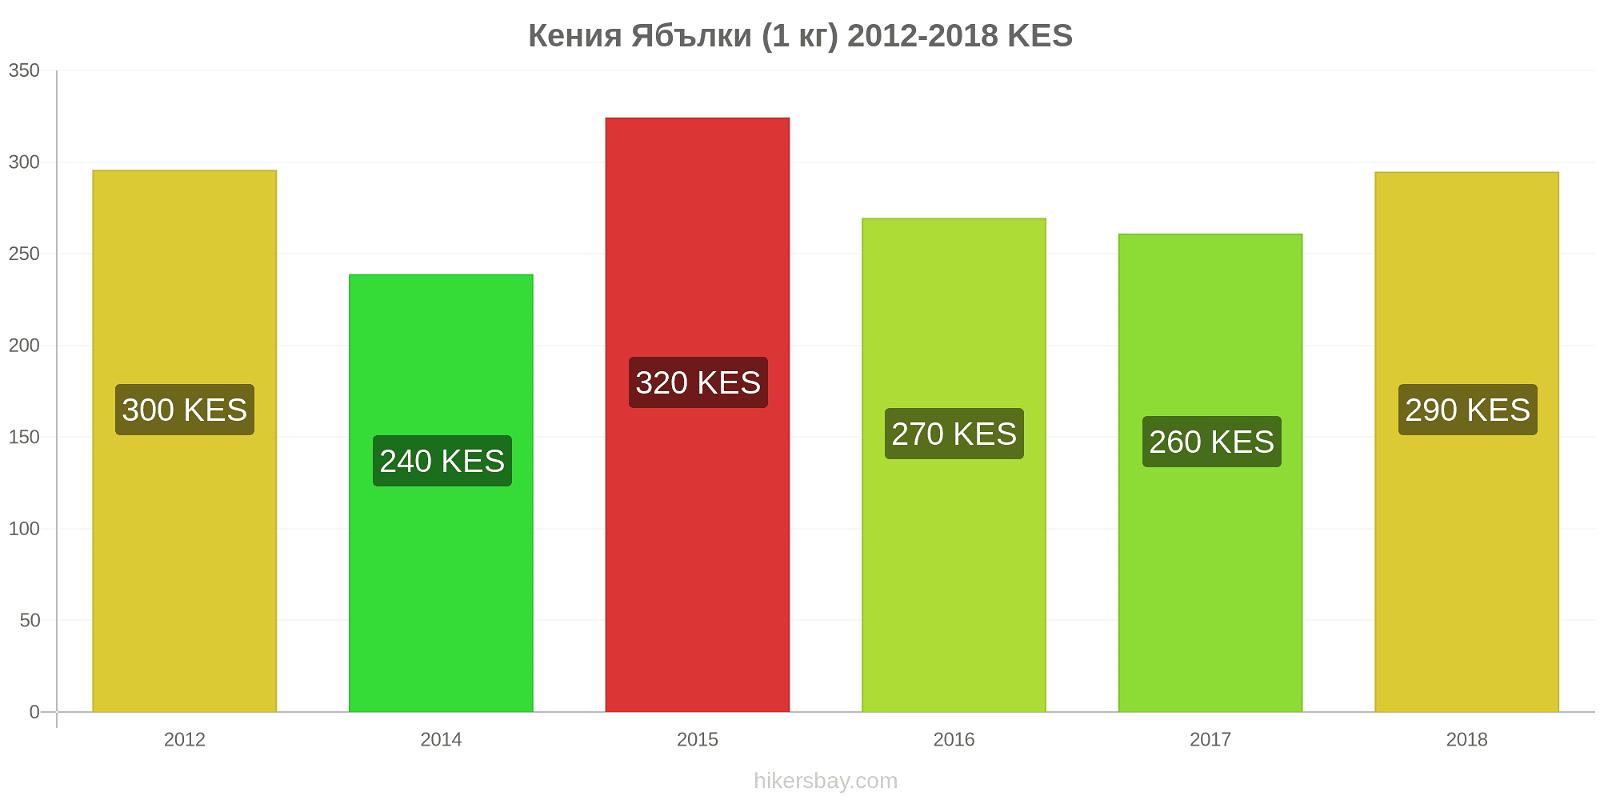 Кения ценови промени Ябълки (1 кг) hikersbay.com